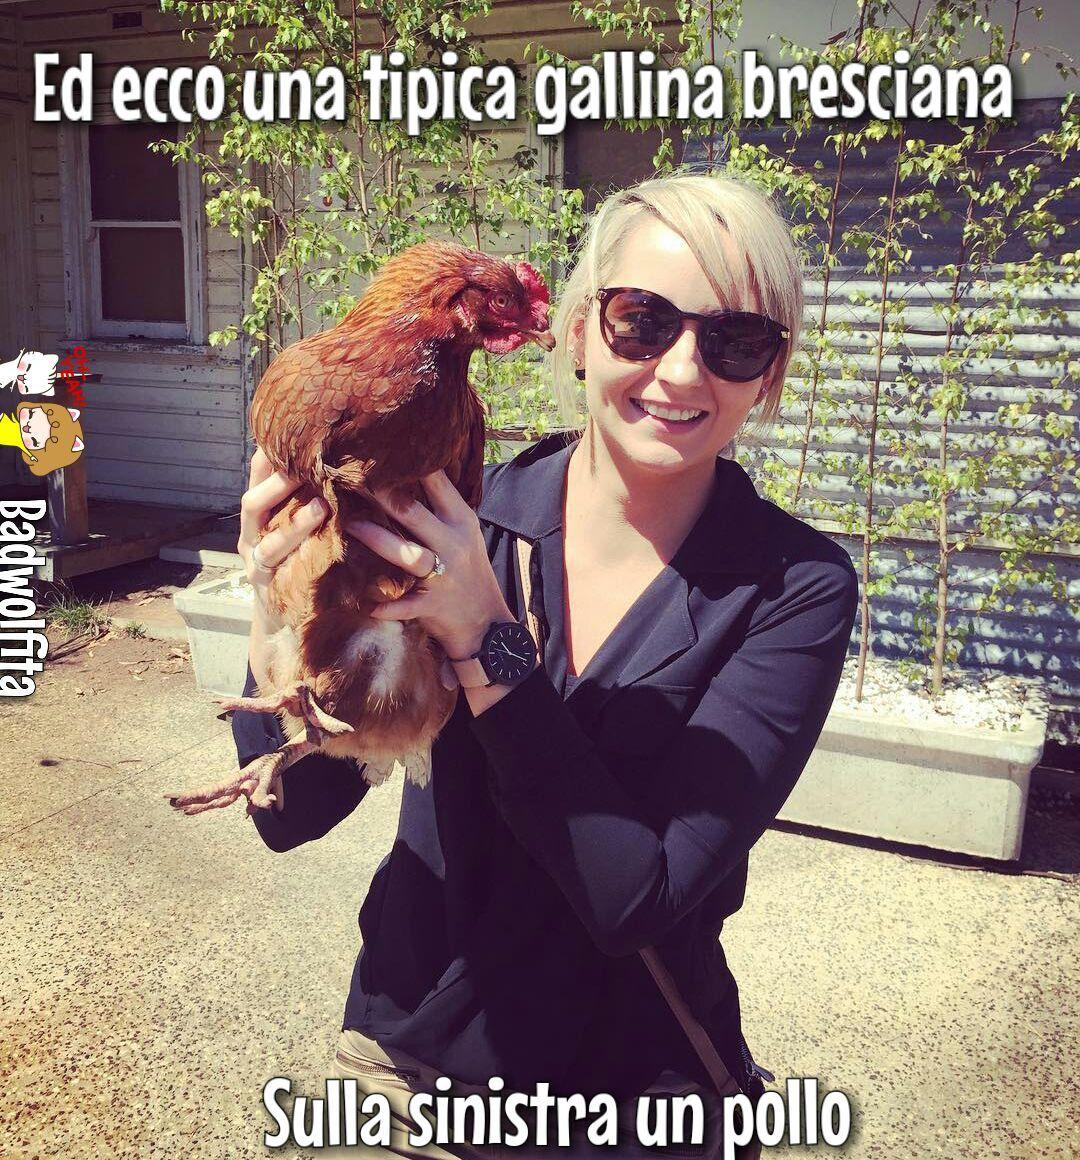 Le galline bresciane sono le migliori